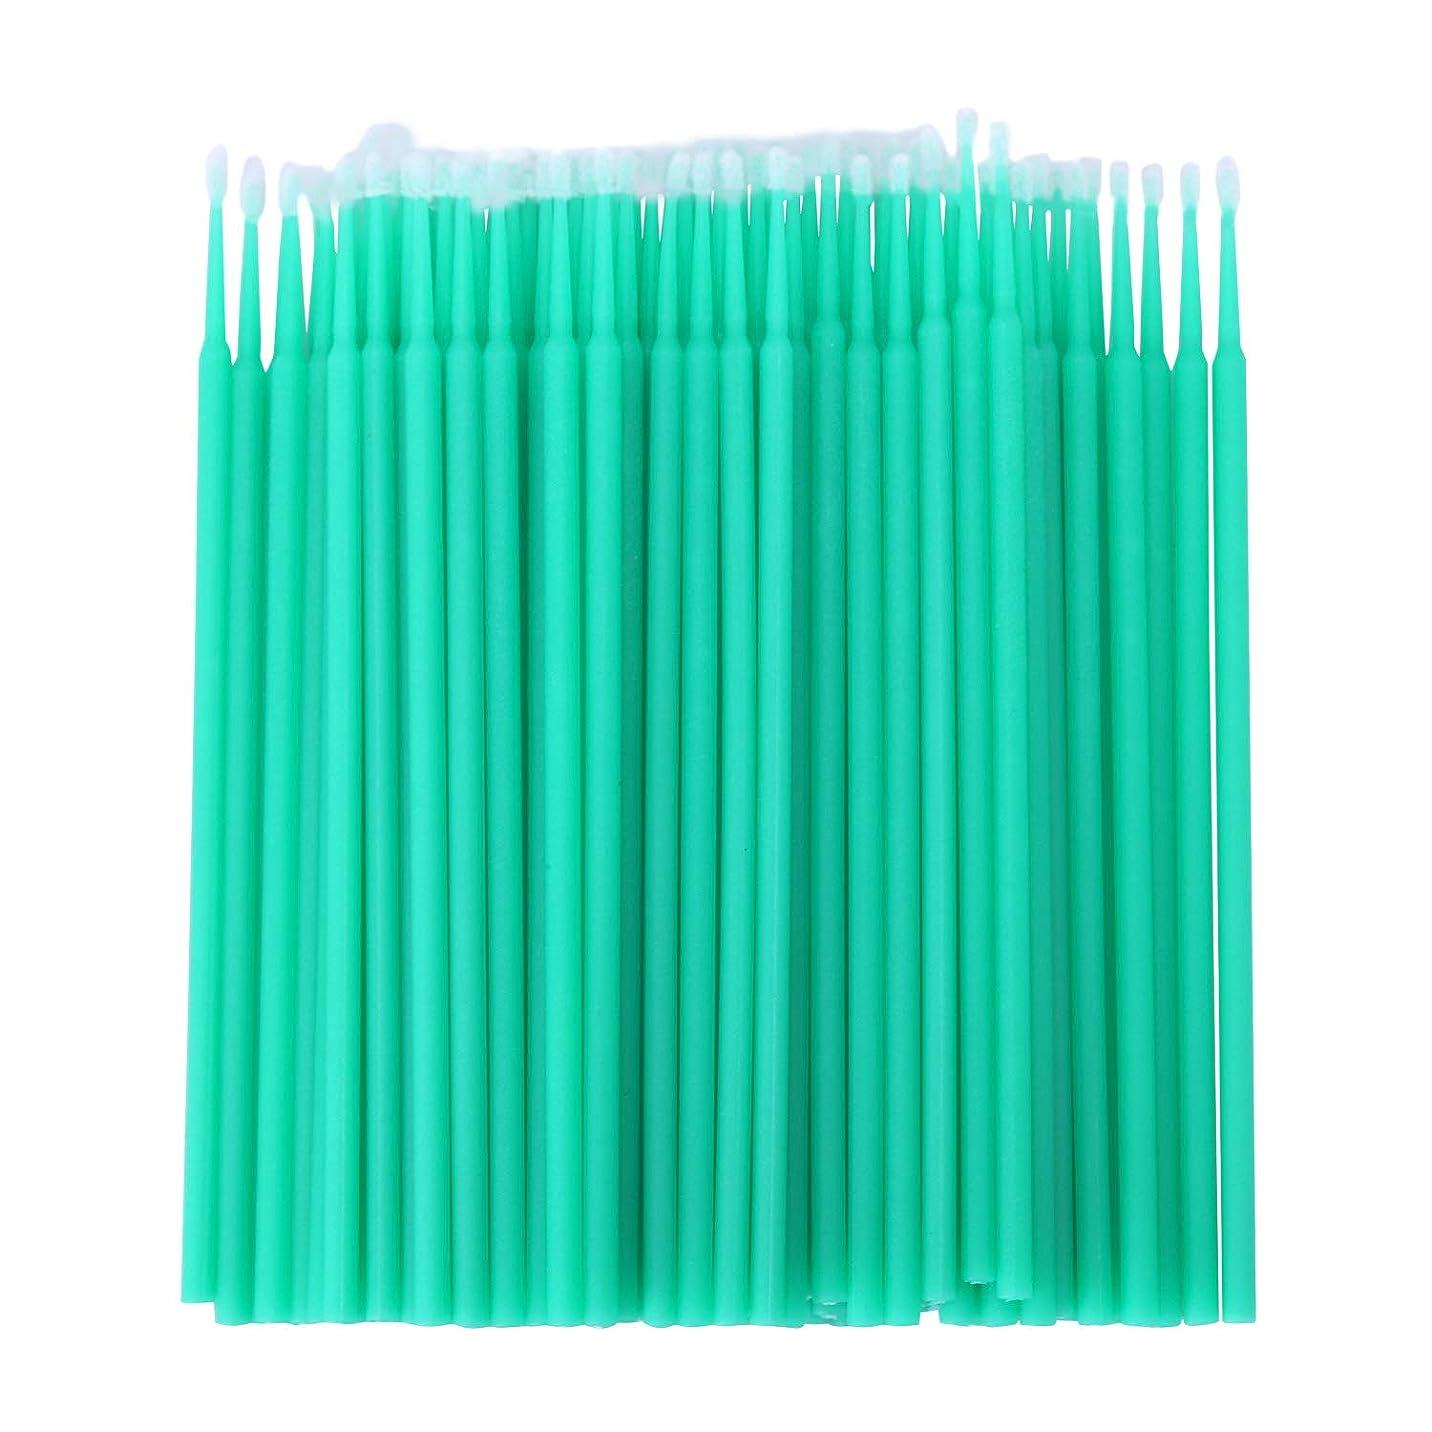 愛国的なペニー哀れなTOOGOO 100個 歯科用マイクロブラシ 使い捨て材料 歯用アプリケーター ミディアムファイン(ライトグリーン)